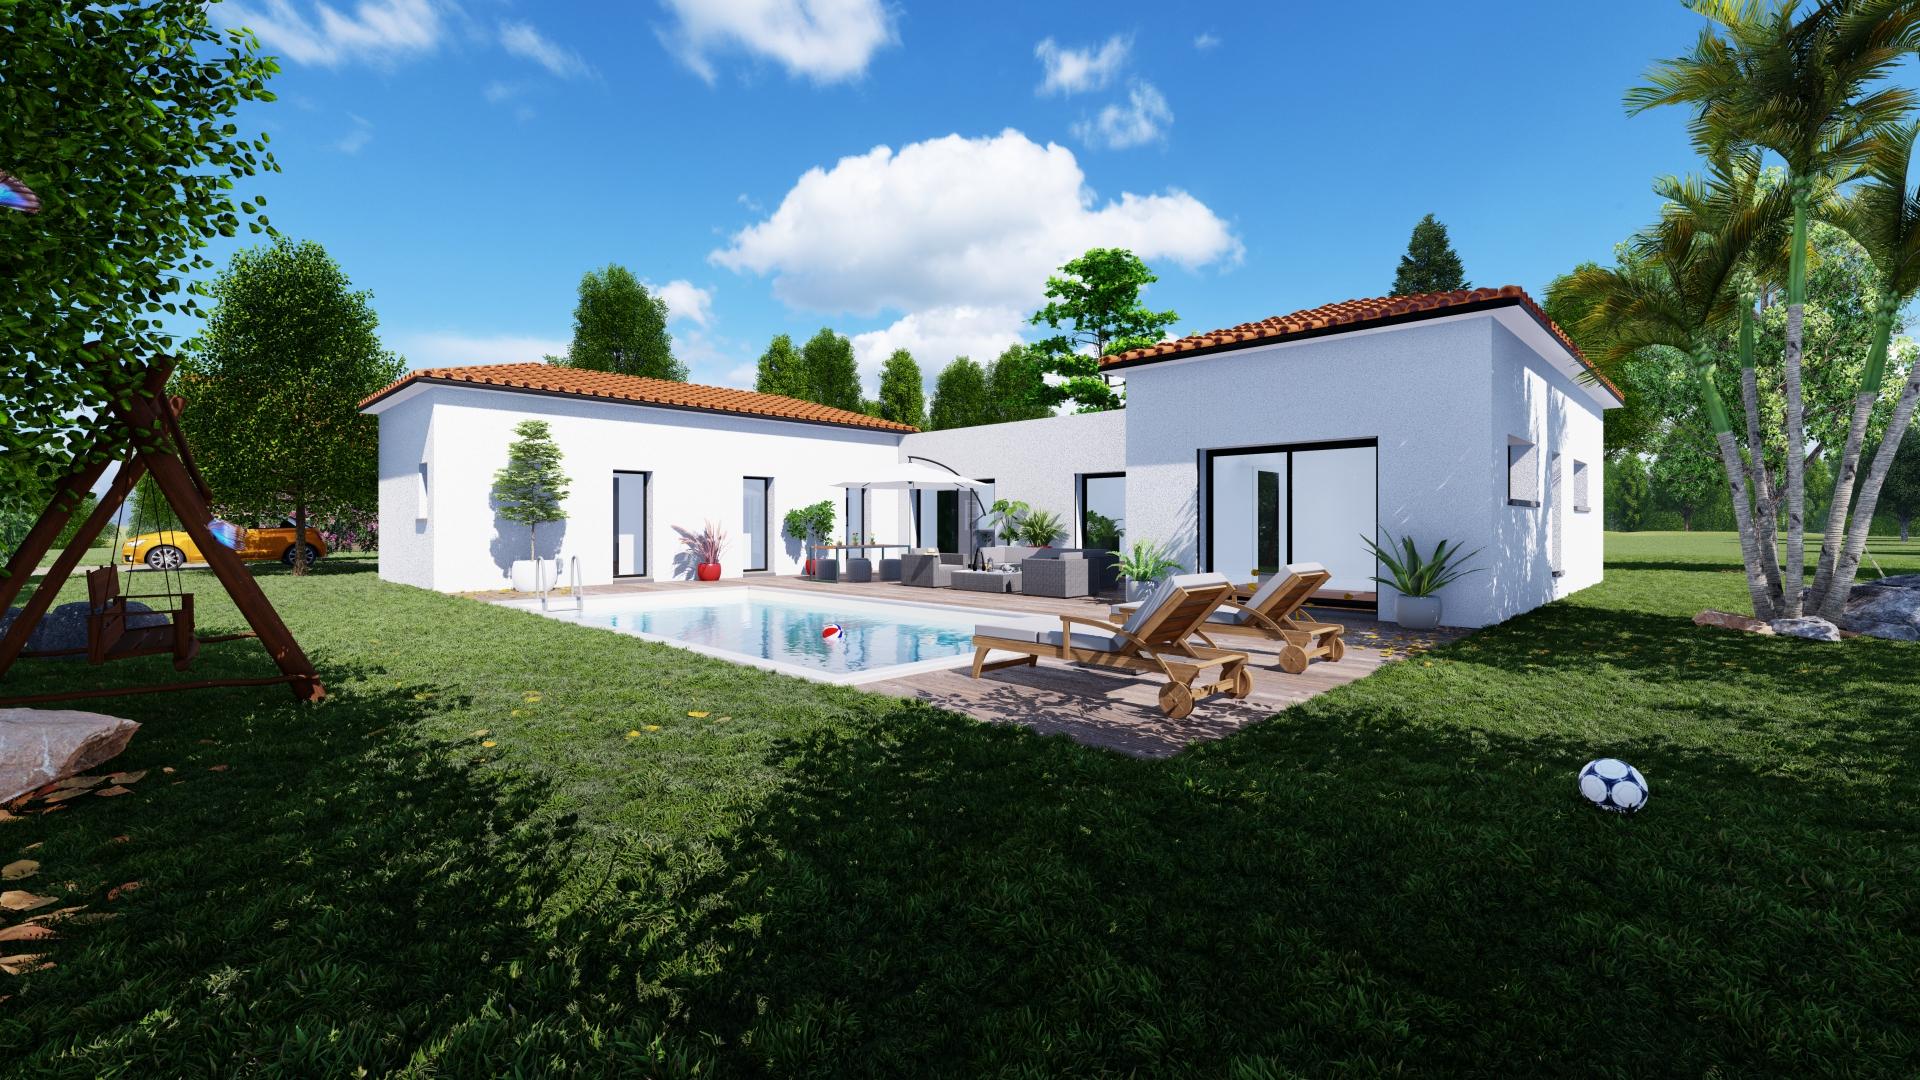 Maisons + Terrains du constructeur VILLAS SUD CREATION • 146 m² • AUSSONNE